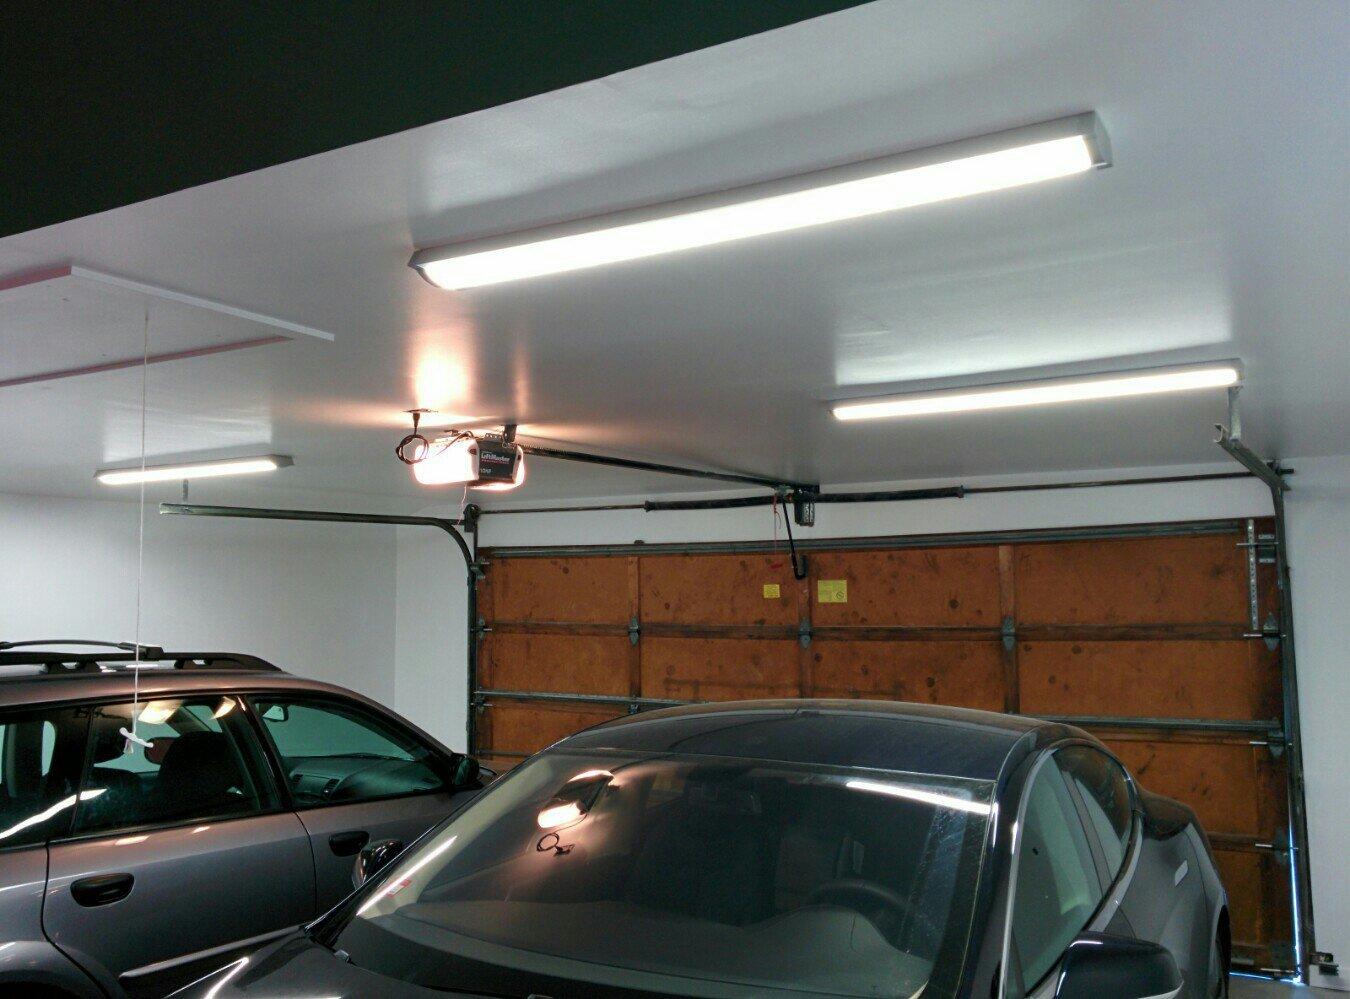 Re LED v.s. Fluorescent lights in the garage & LED v.s. Fluorescent lights in the garage - Page 3 azcodes.com